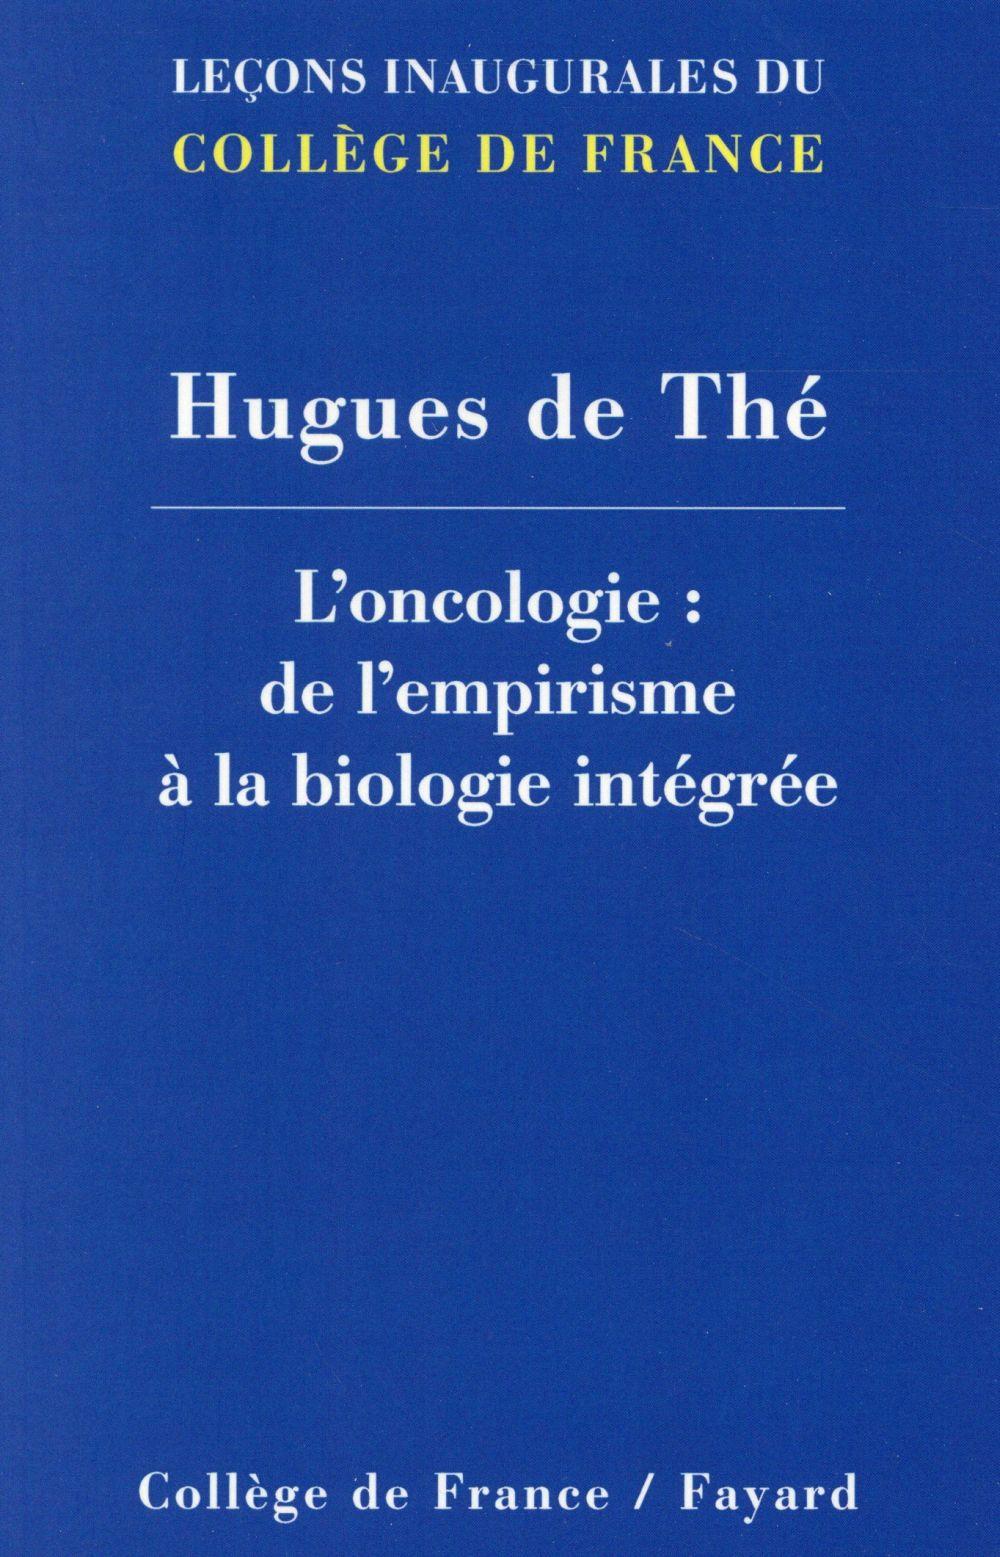 L'oncologie ; de l'empirisme à la biologie intégrée